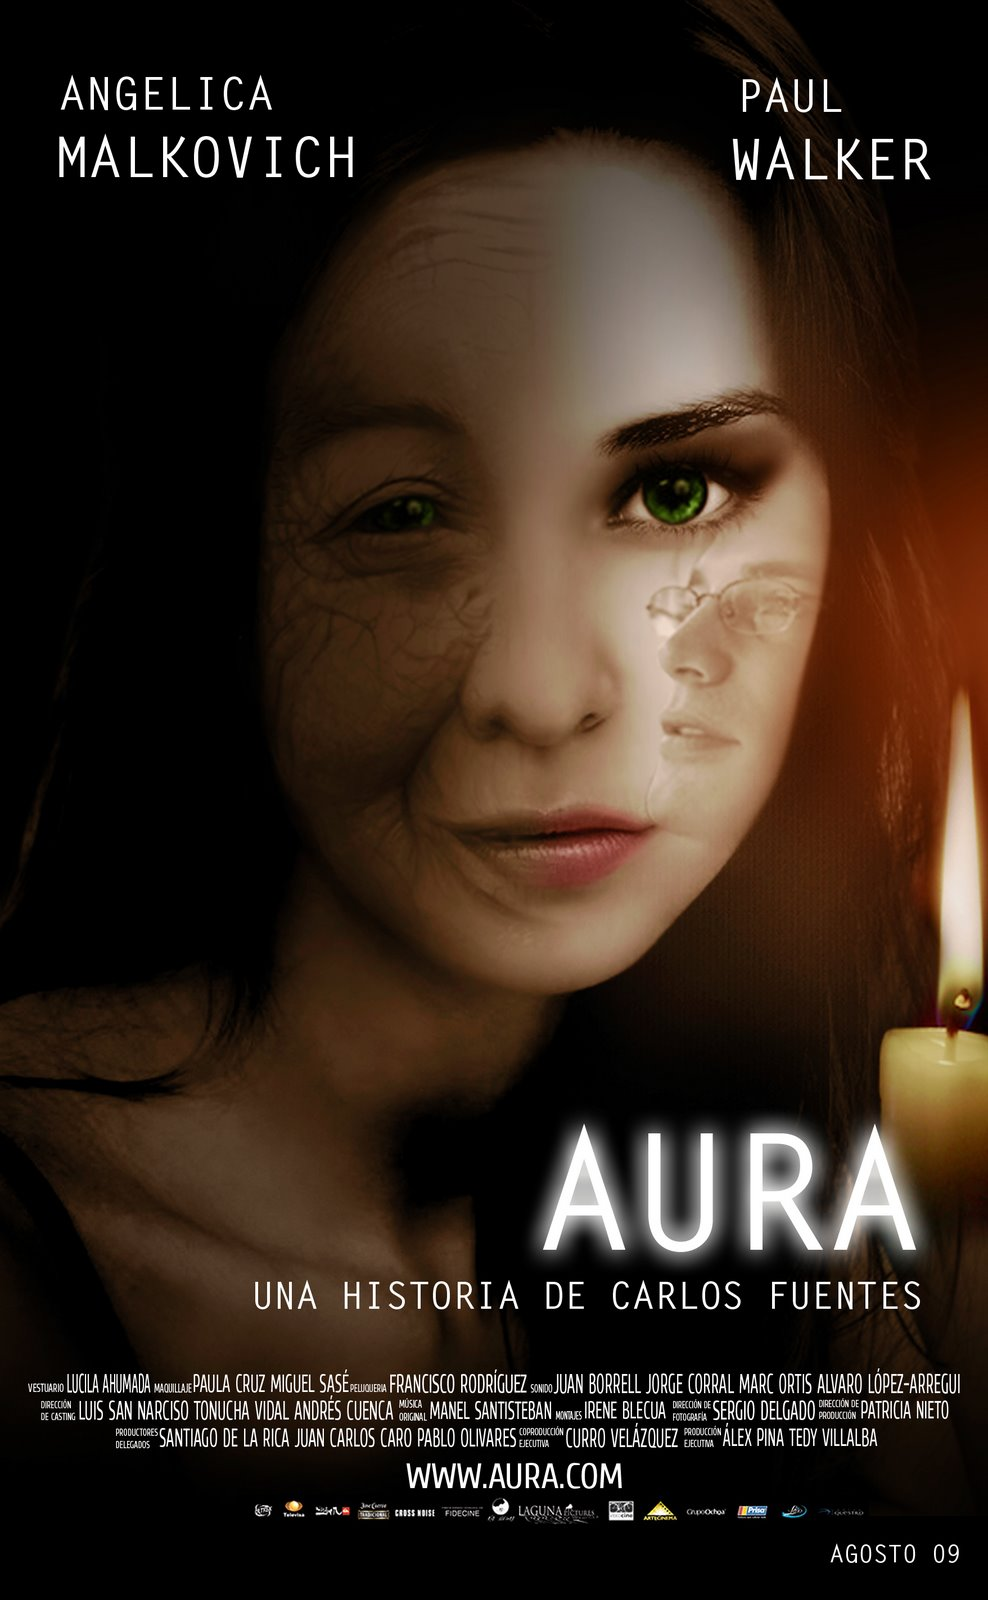 libro aura autor carlos fuentes: